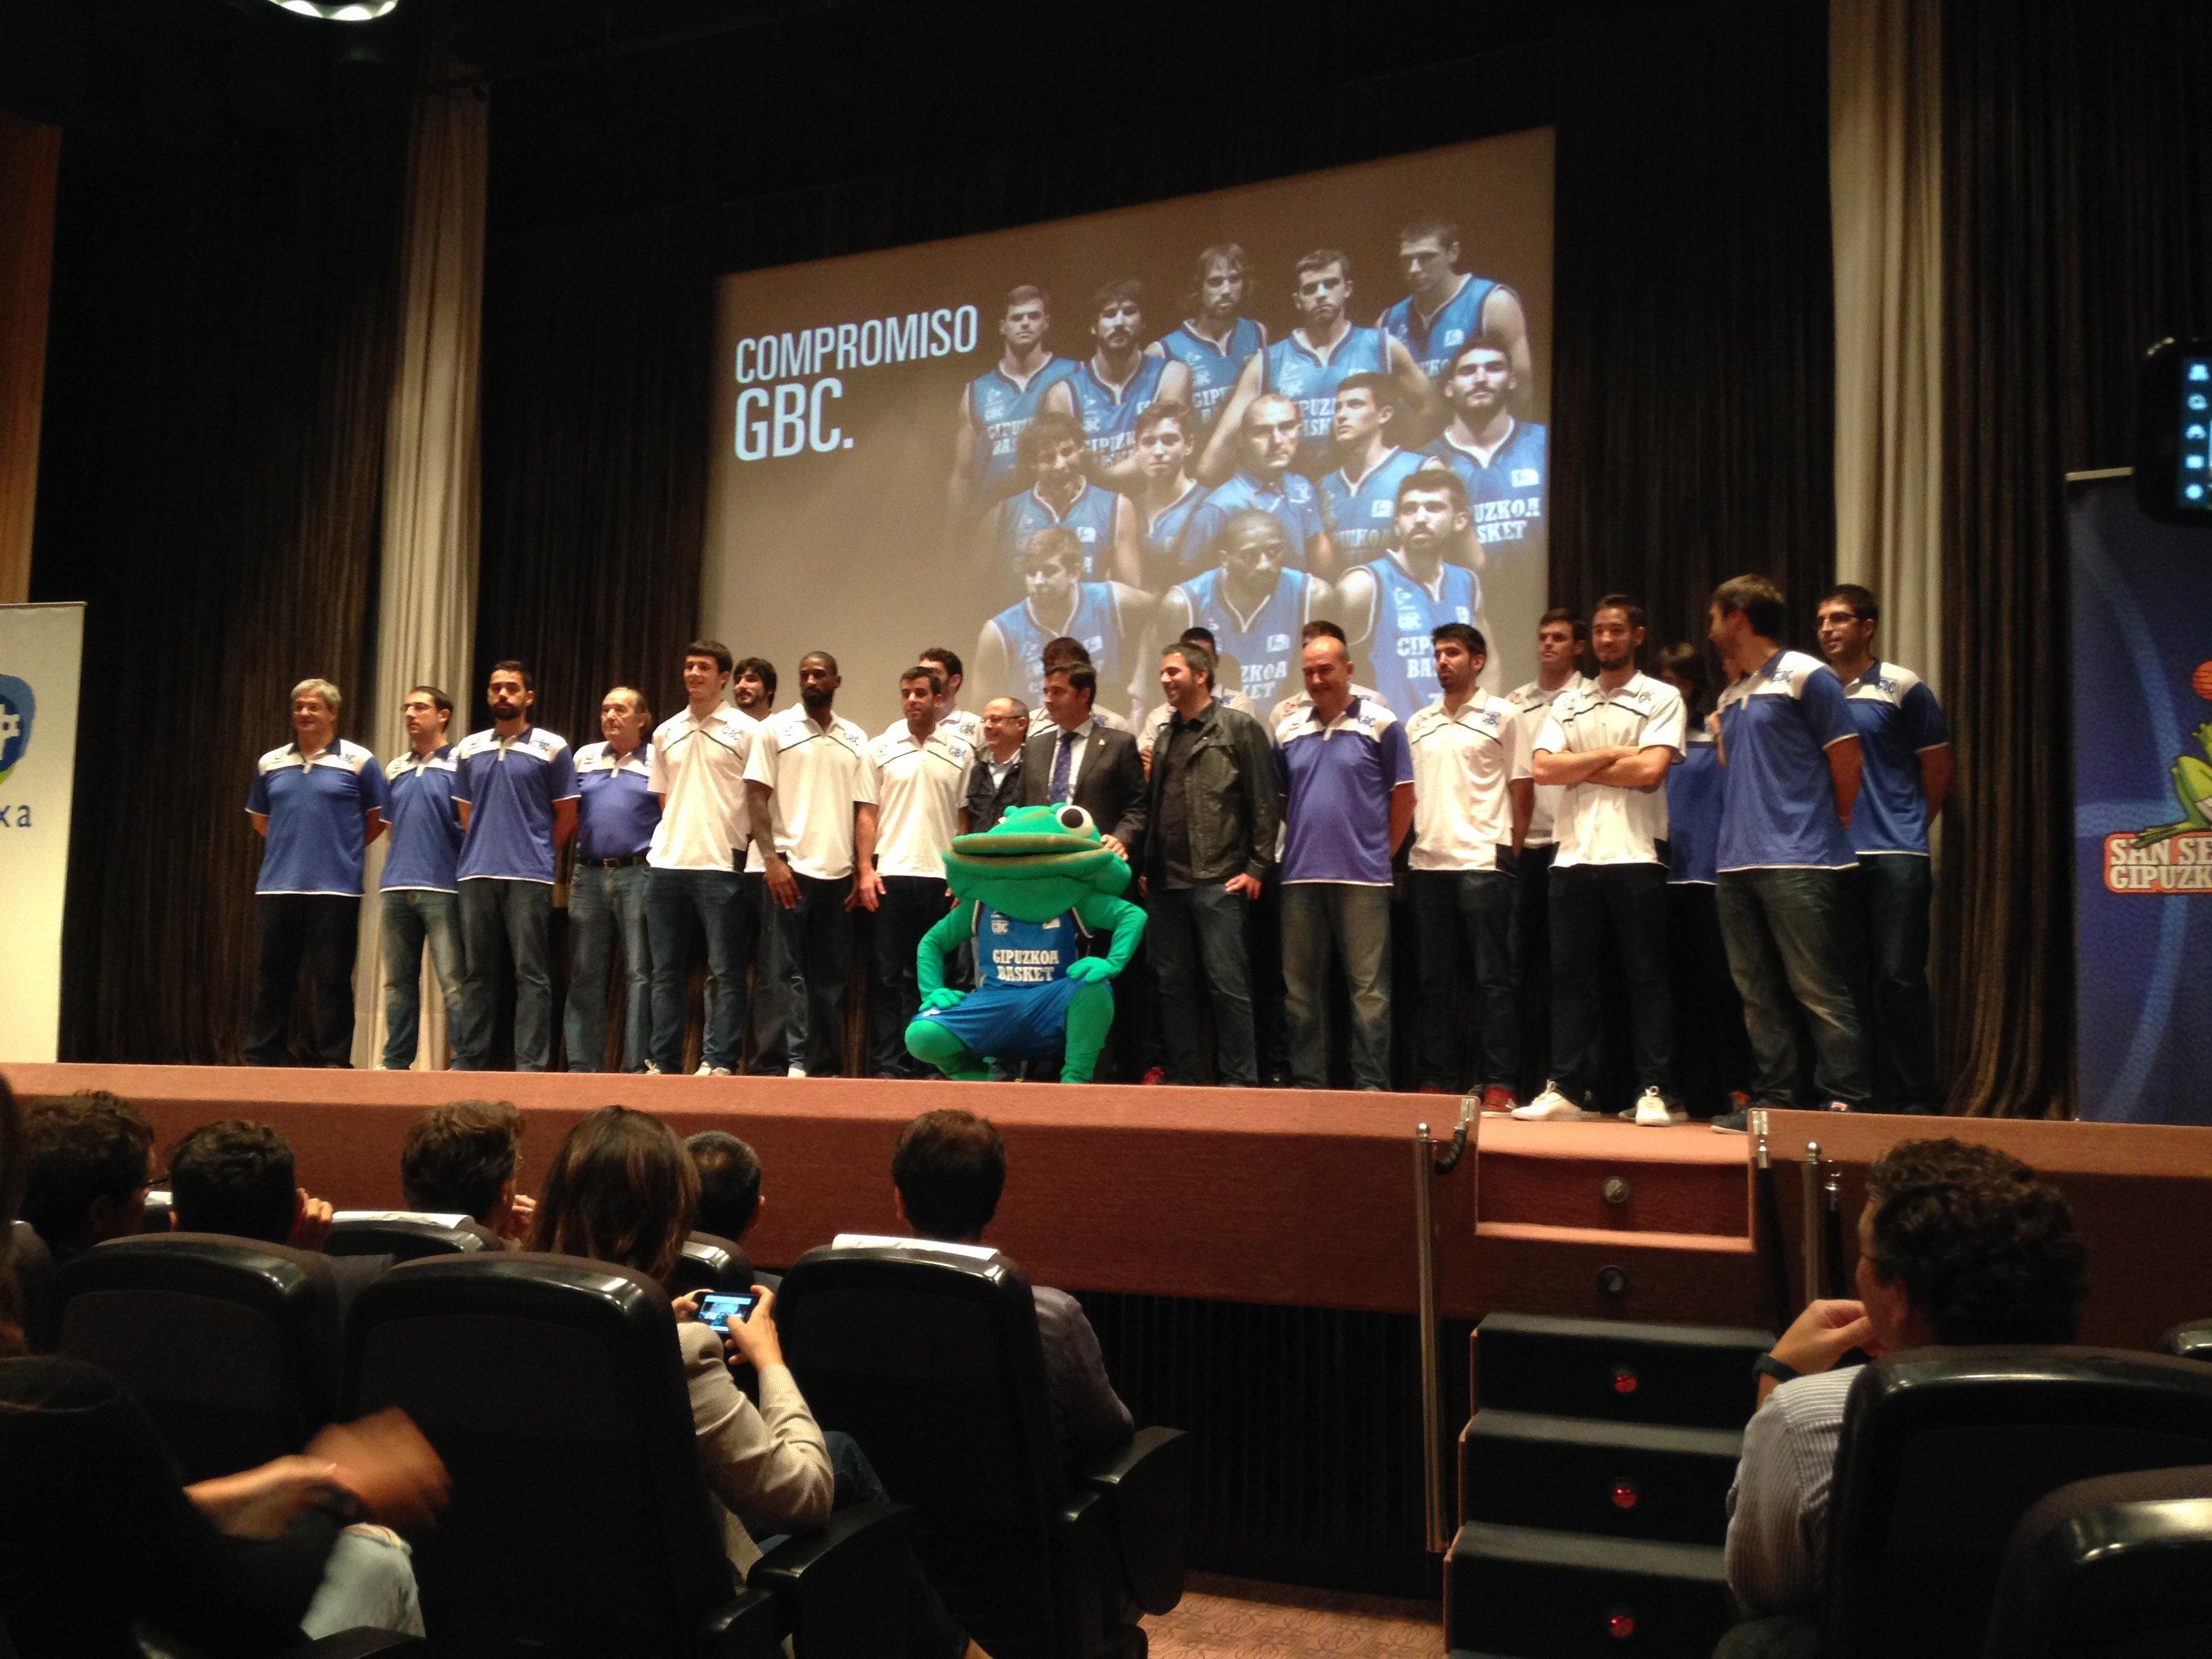 Encantados de seguir colaborando con Guipúzcoa Basket